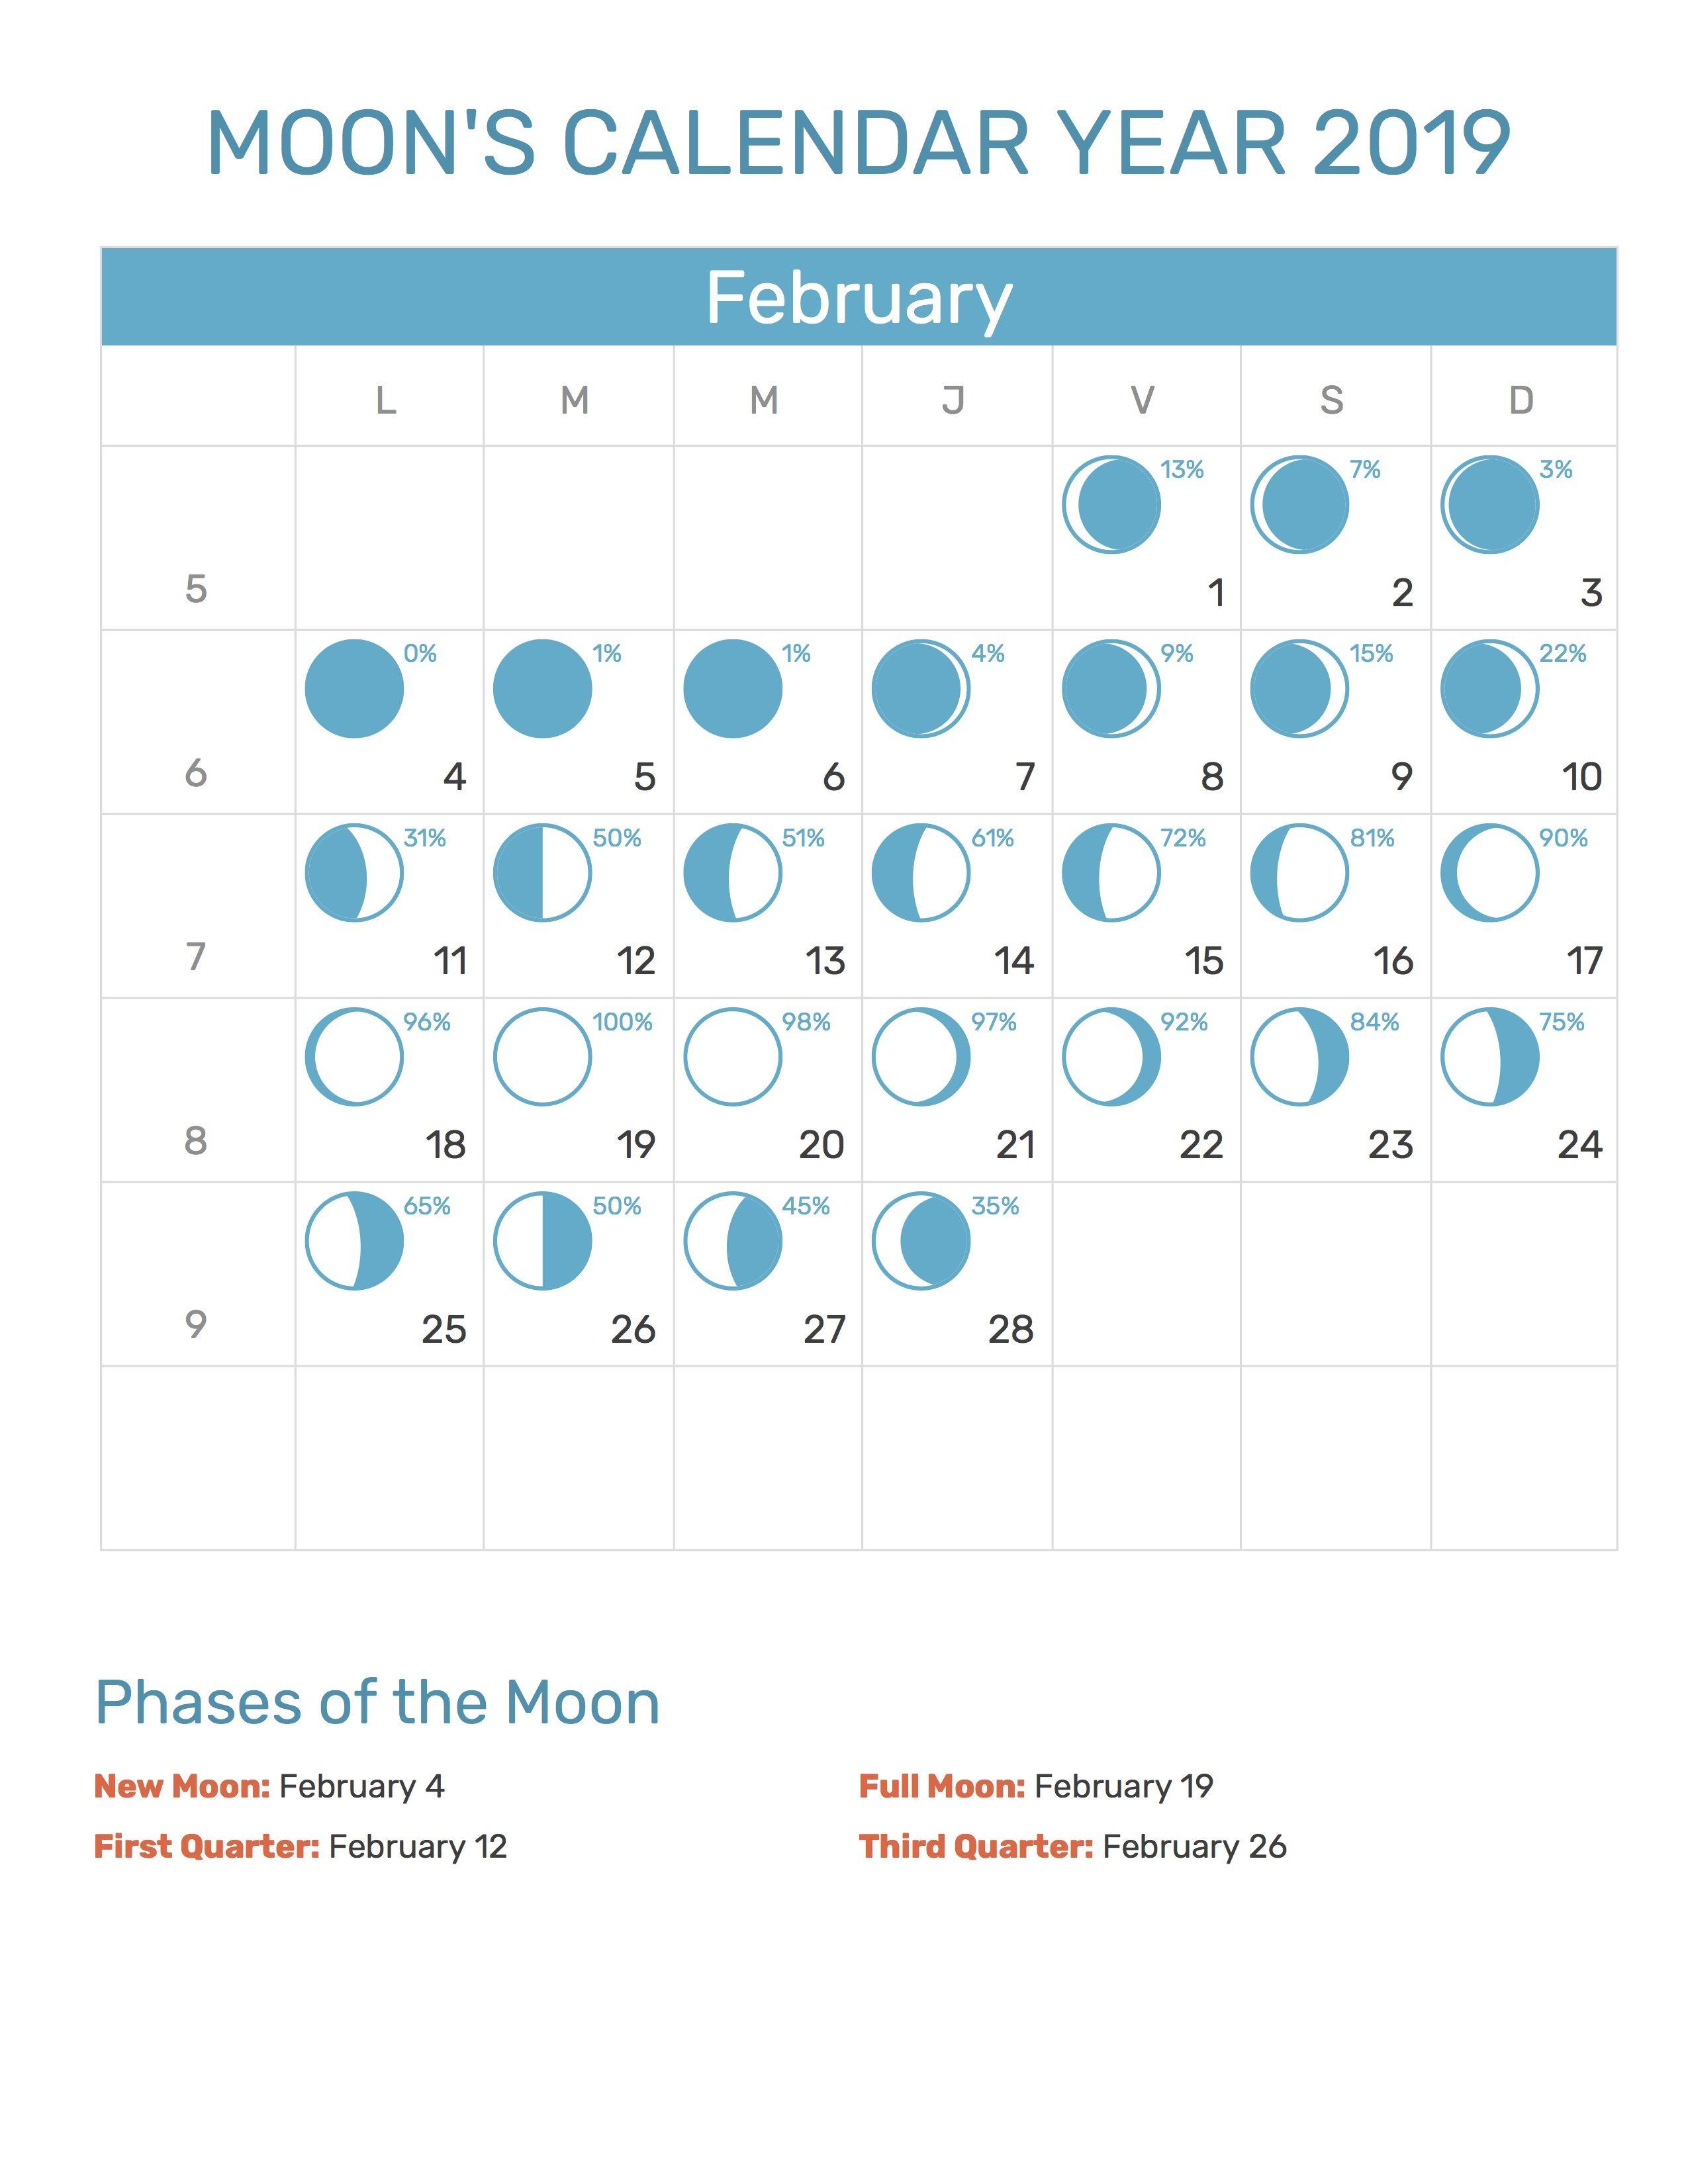 Moon Calendar Of February 2019 Moon Calendar February 2019 #February #FebruaryCalendar